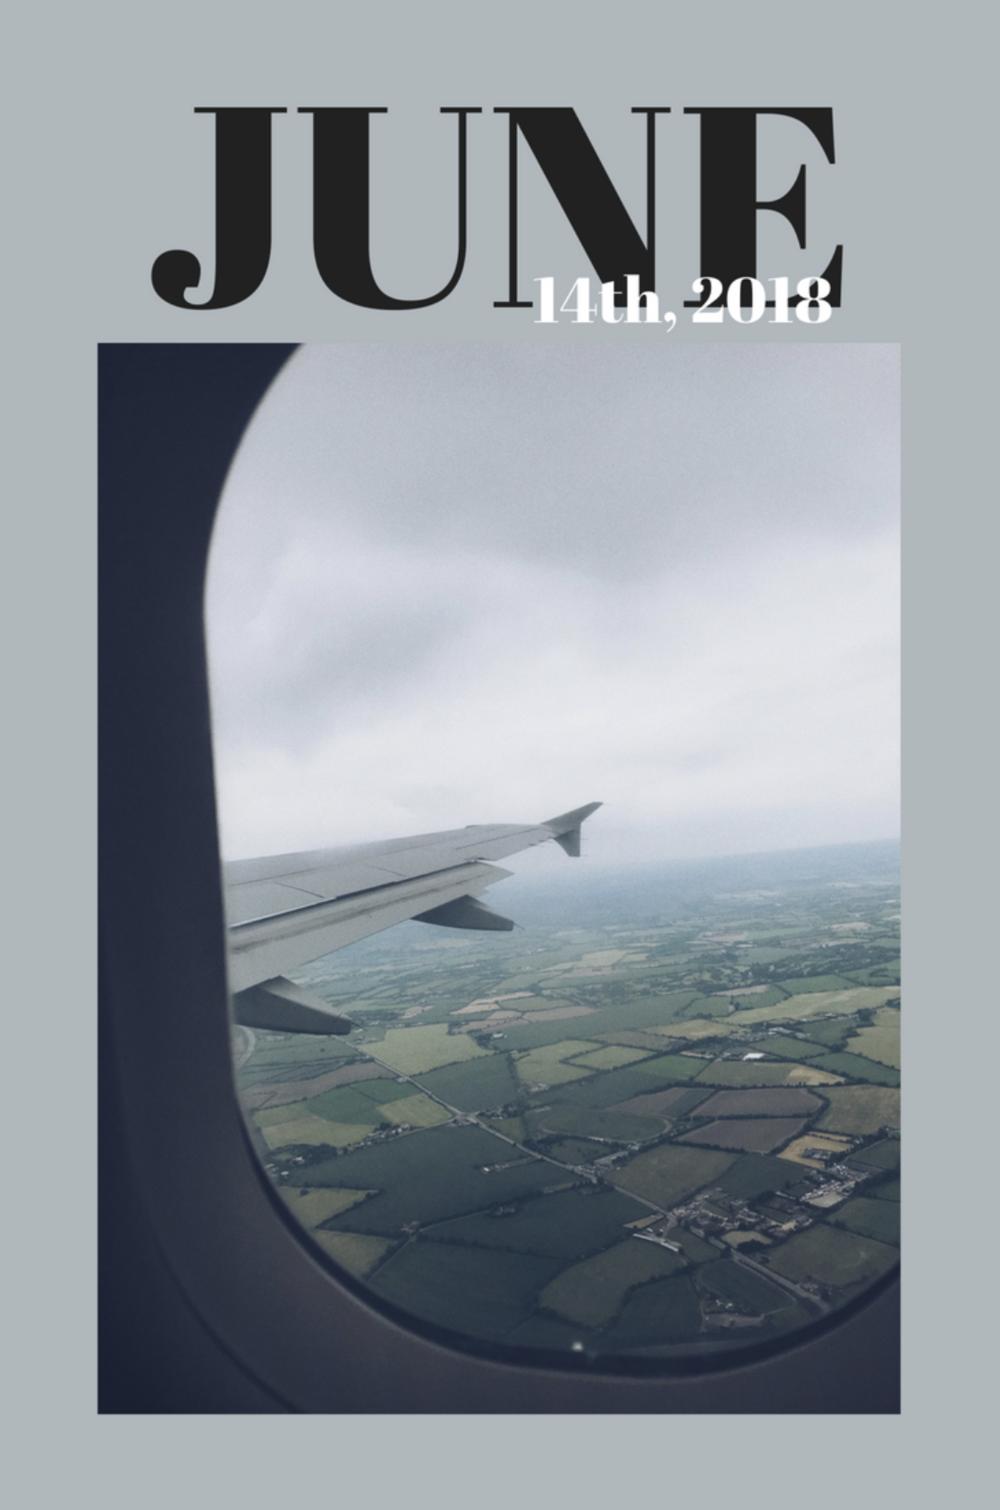 June 14th, 2018 Newsletter